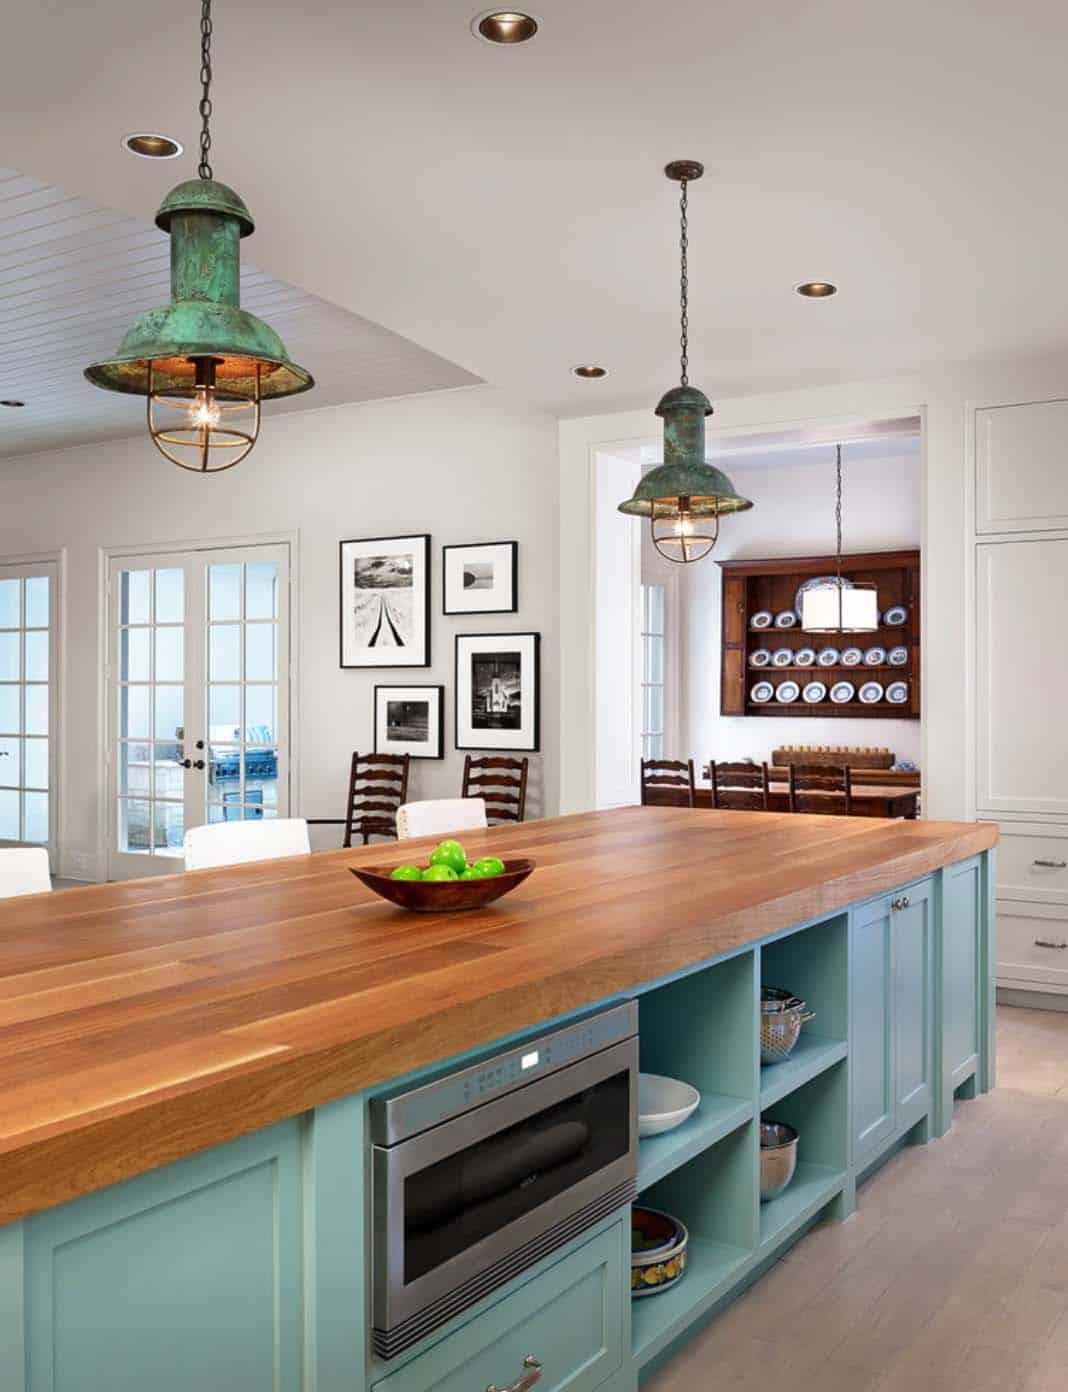 Farmhouse Style Home-Dillon Kyle Architects-06-1 Kindesign